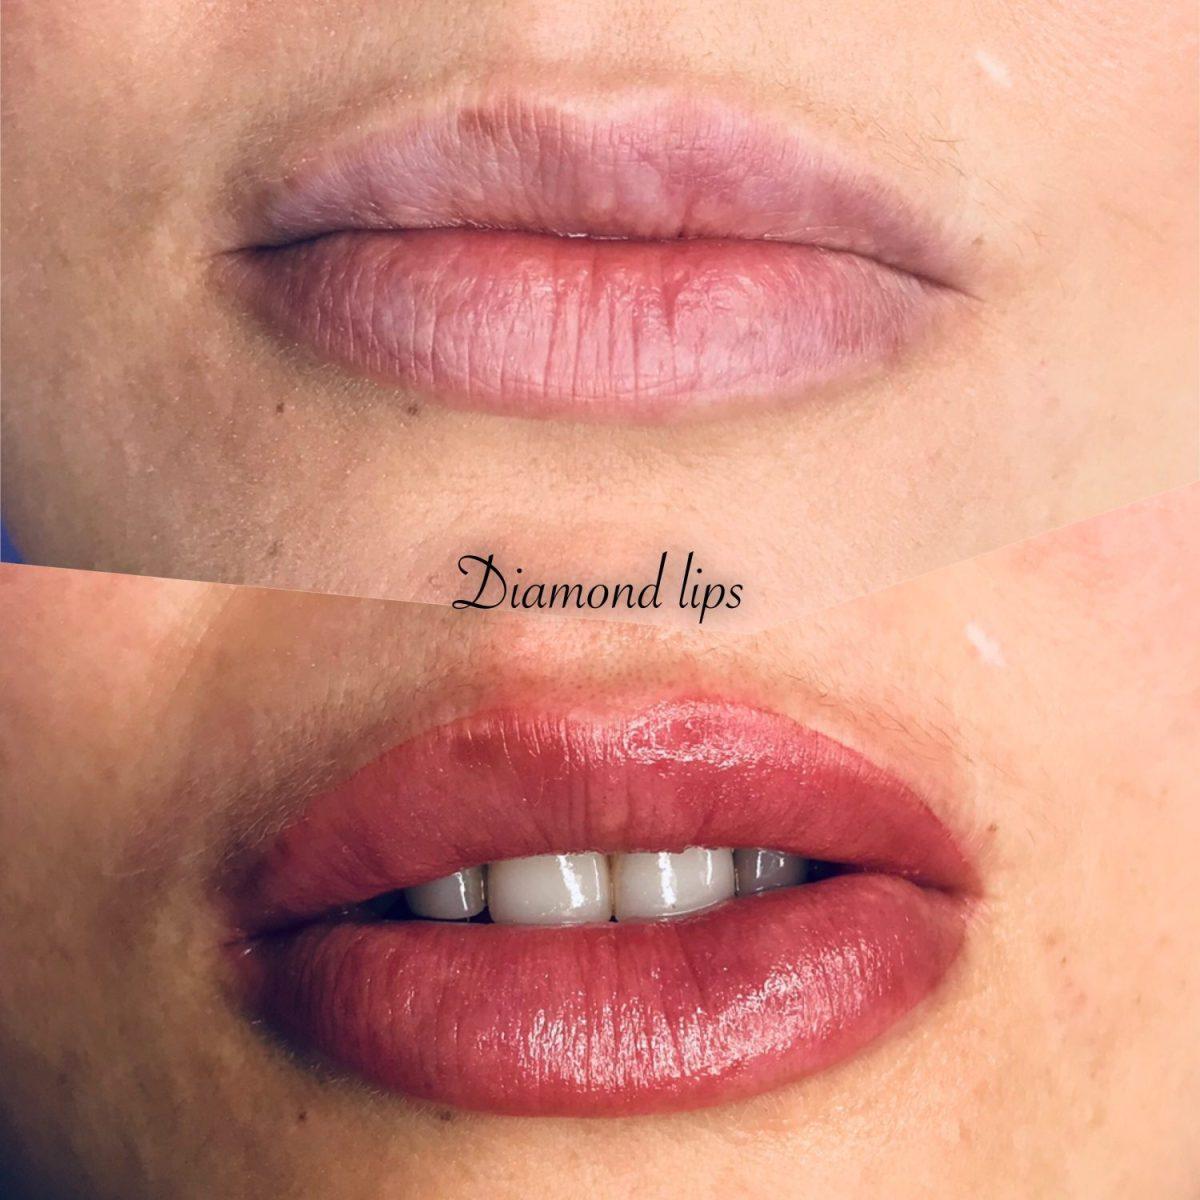 diamond lips pmu